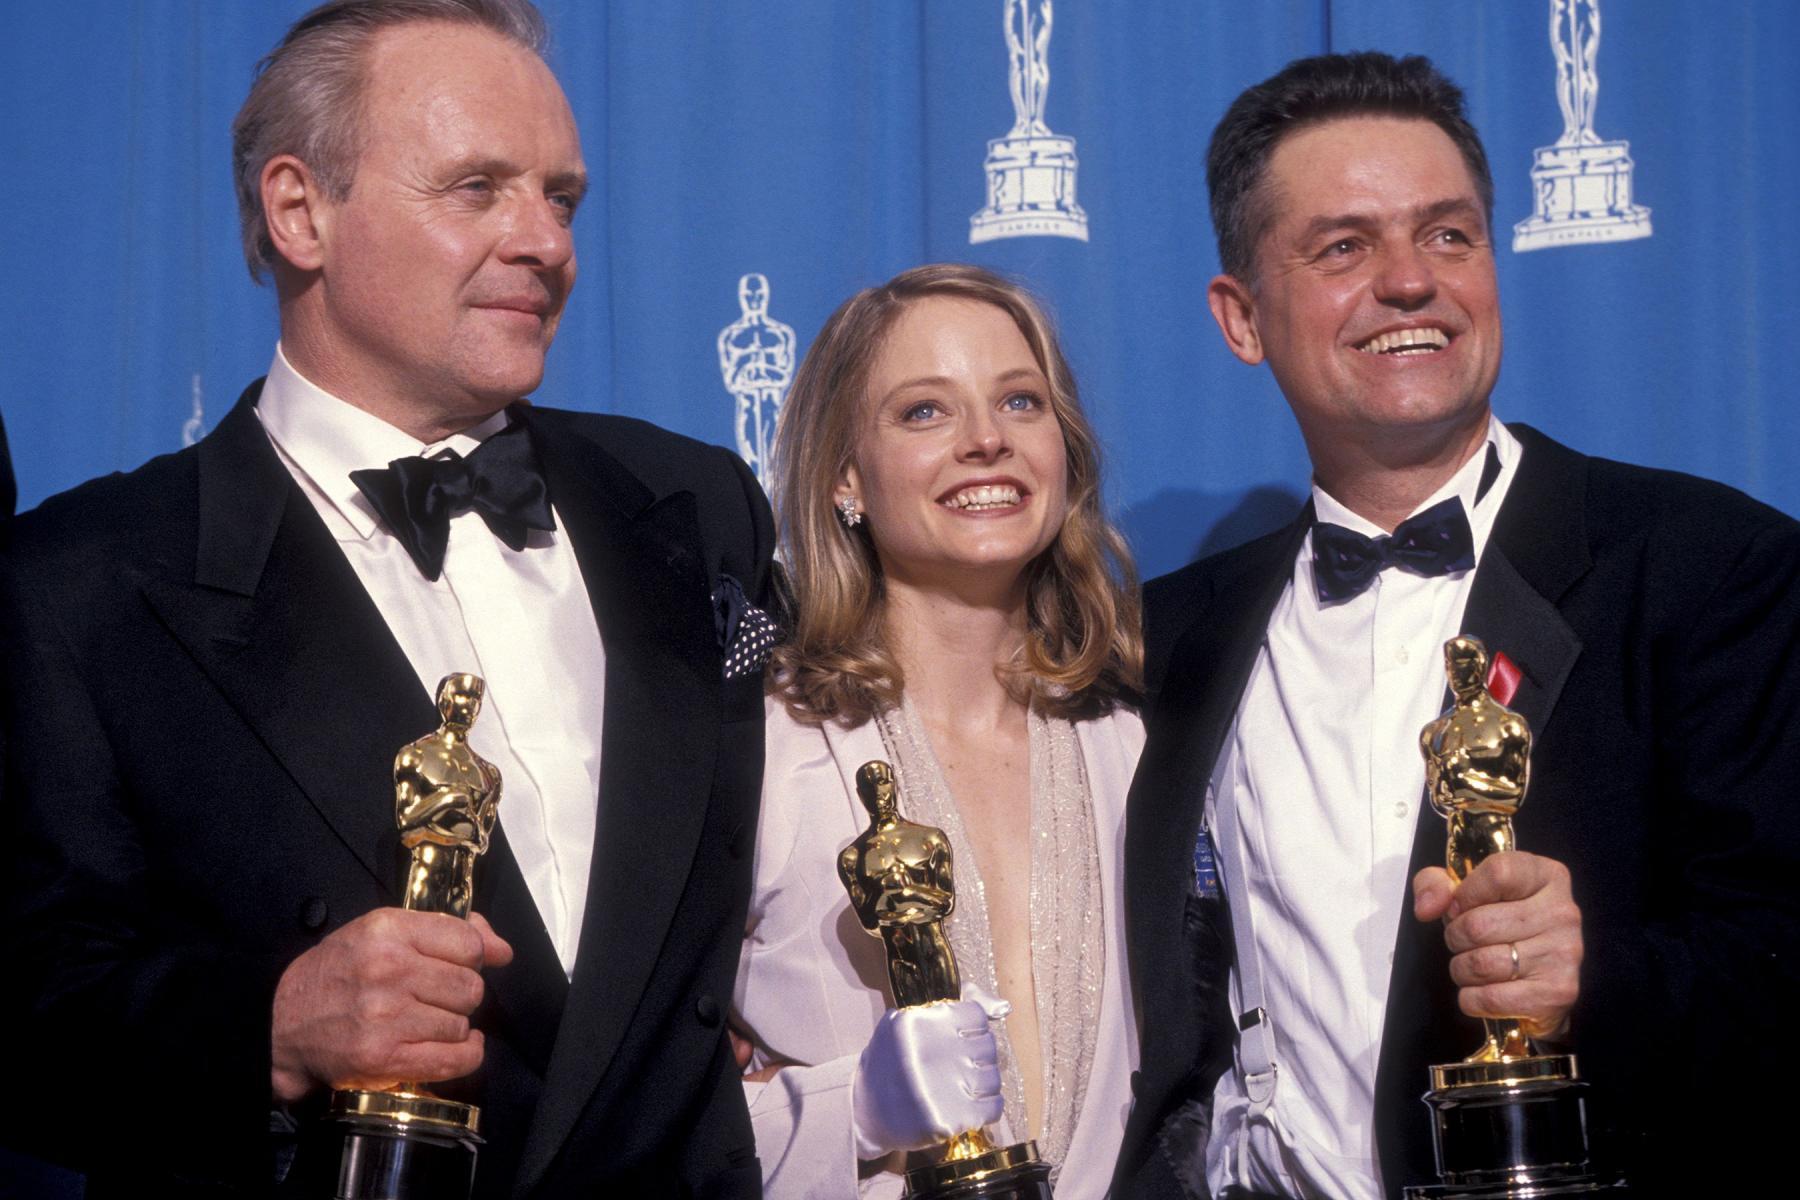 El silencio de los corderos ganó 5 Oscars en la ceremonia de 1992